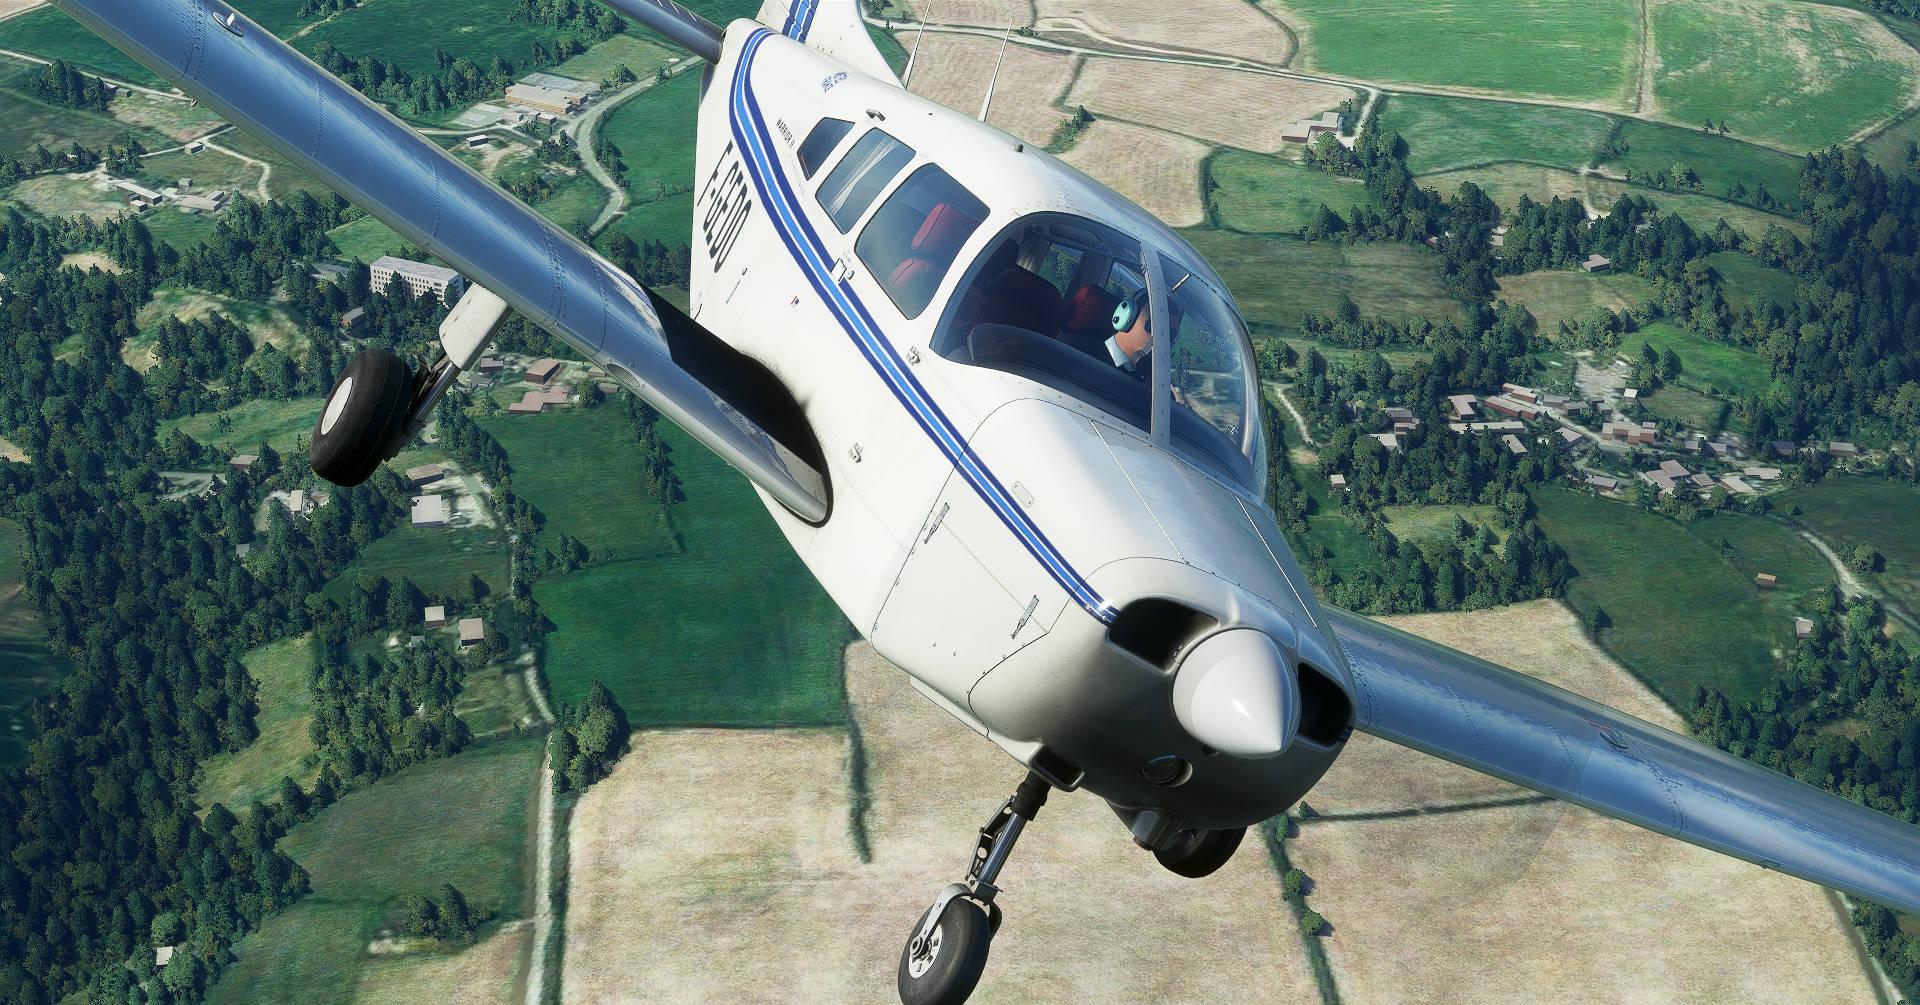 pa28-161-warrior-ii-microsoft-flight-simulator_16_ss_l_210721103126